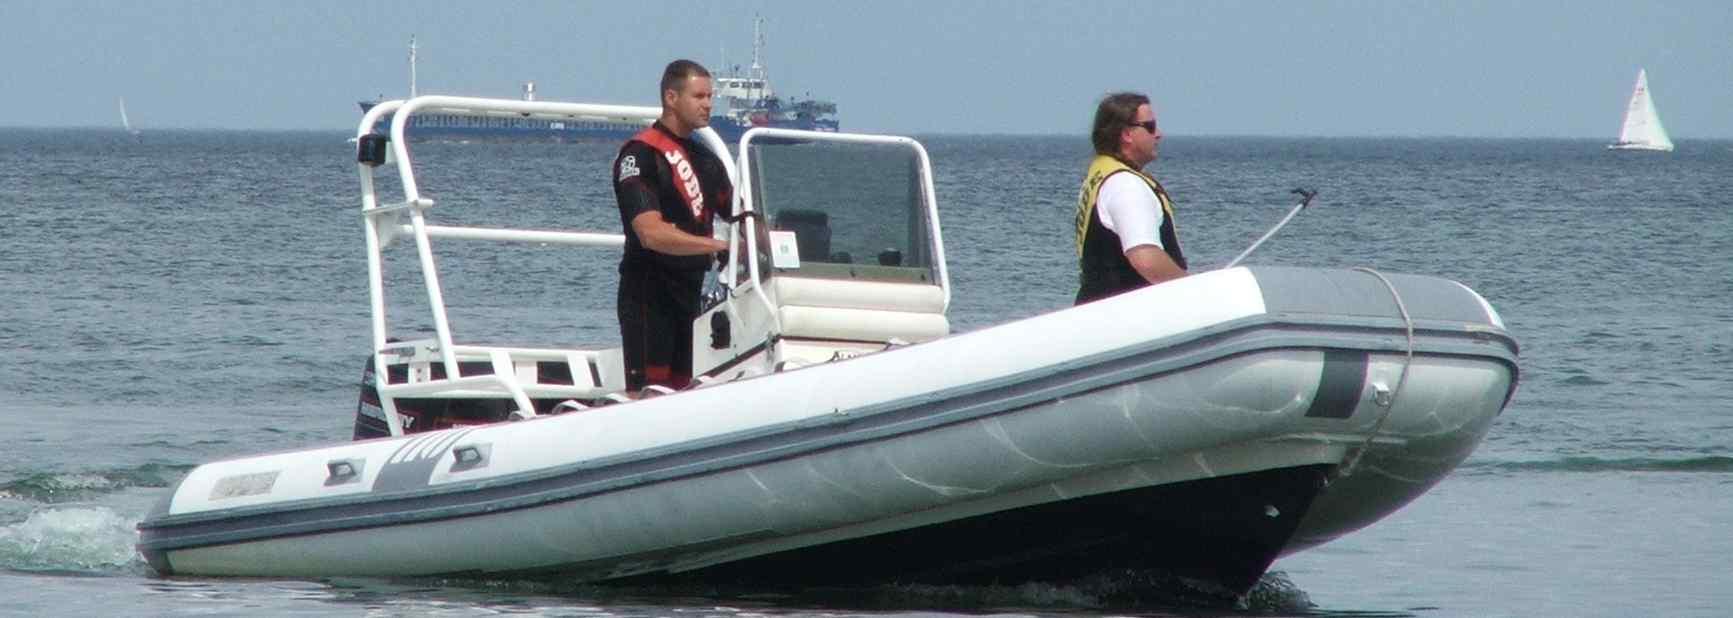 Buchen Sie unser Motorboot für eine Ausfahrt